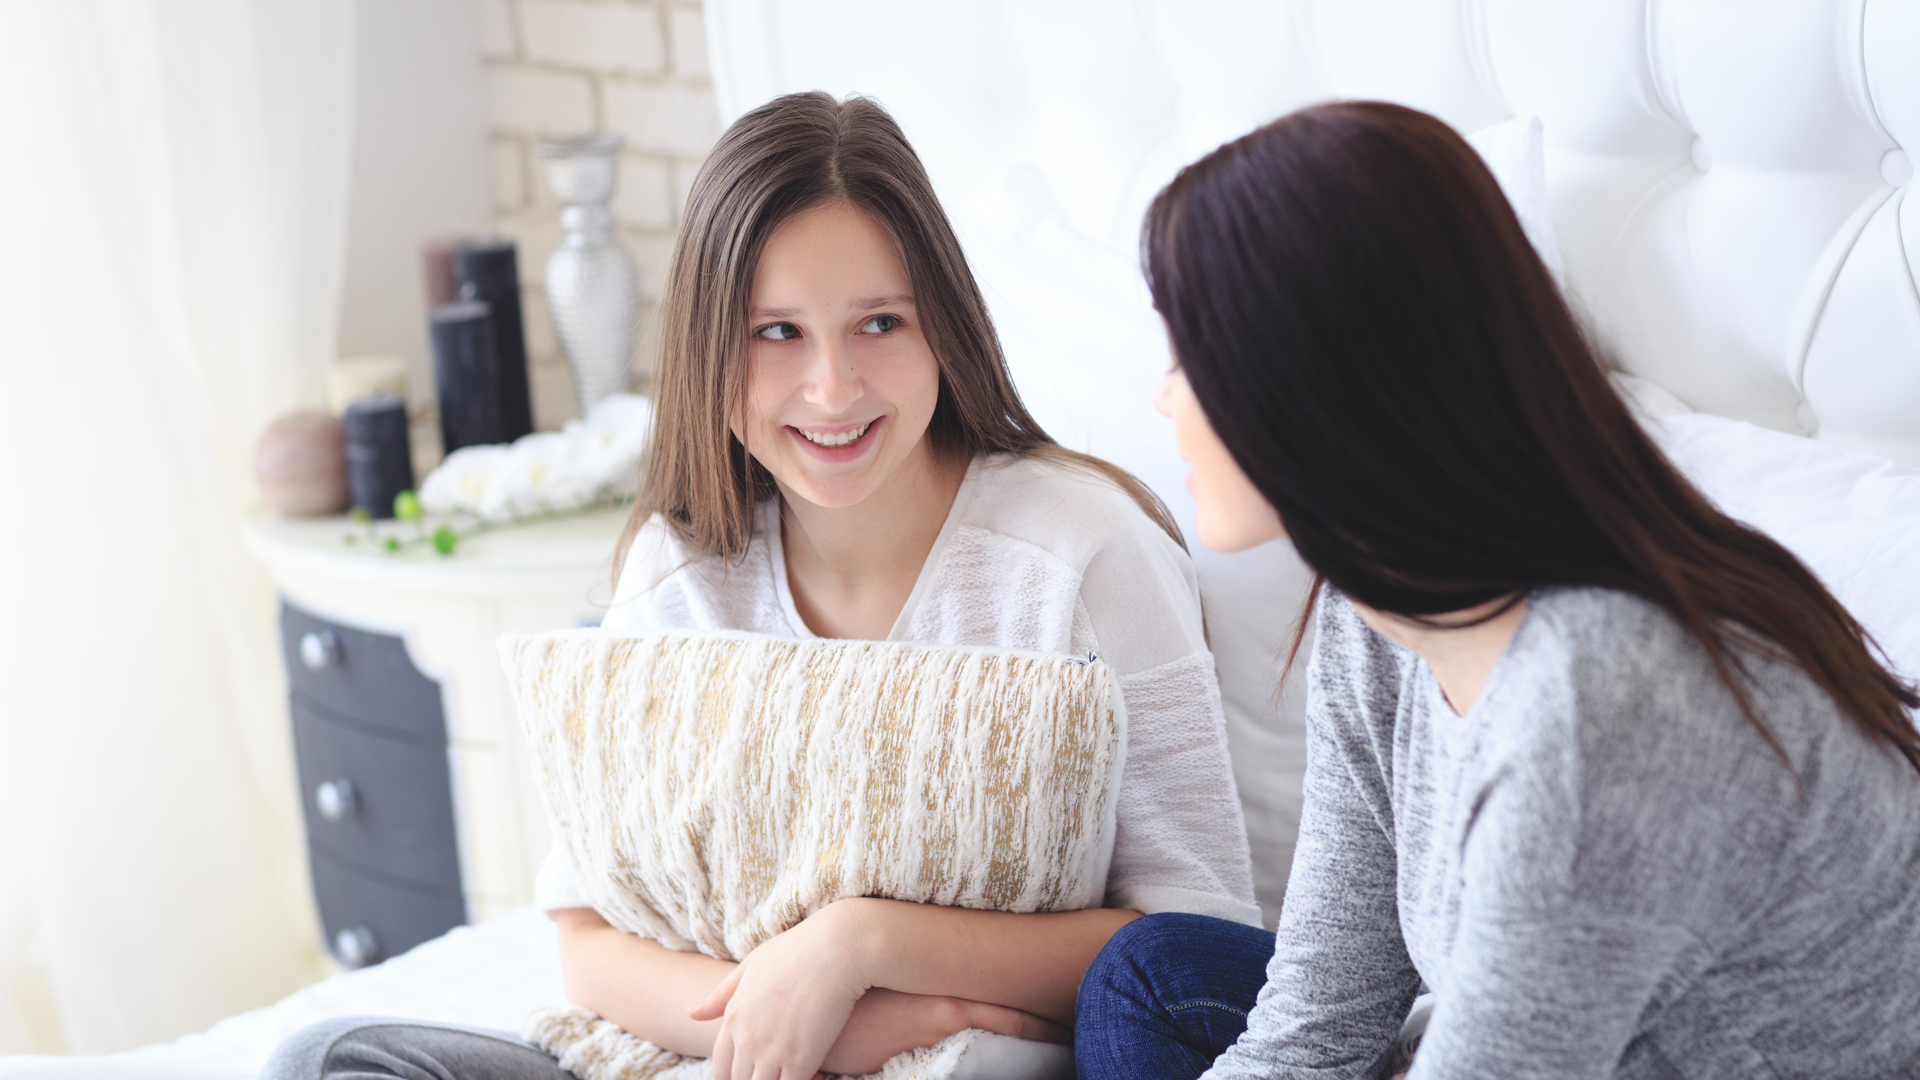 אמא ובת בשיחה